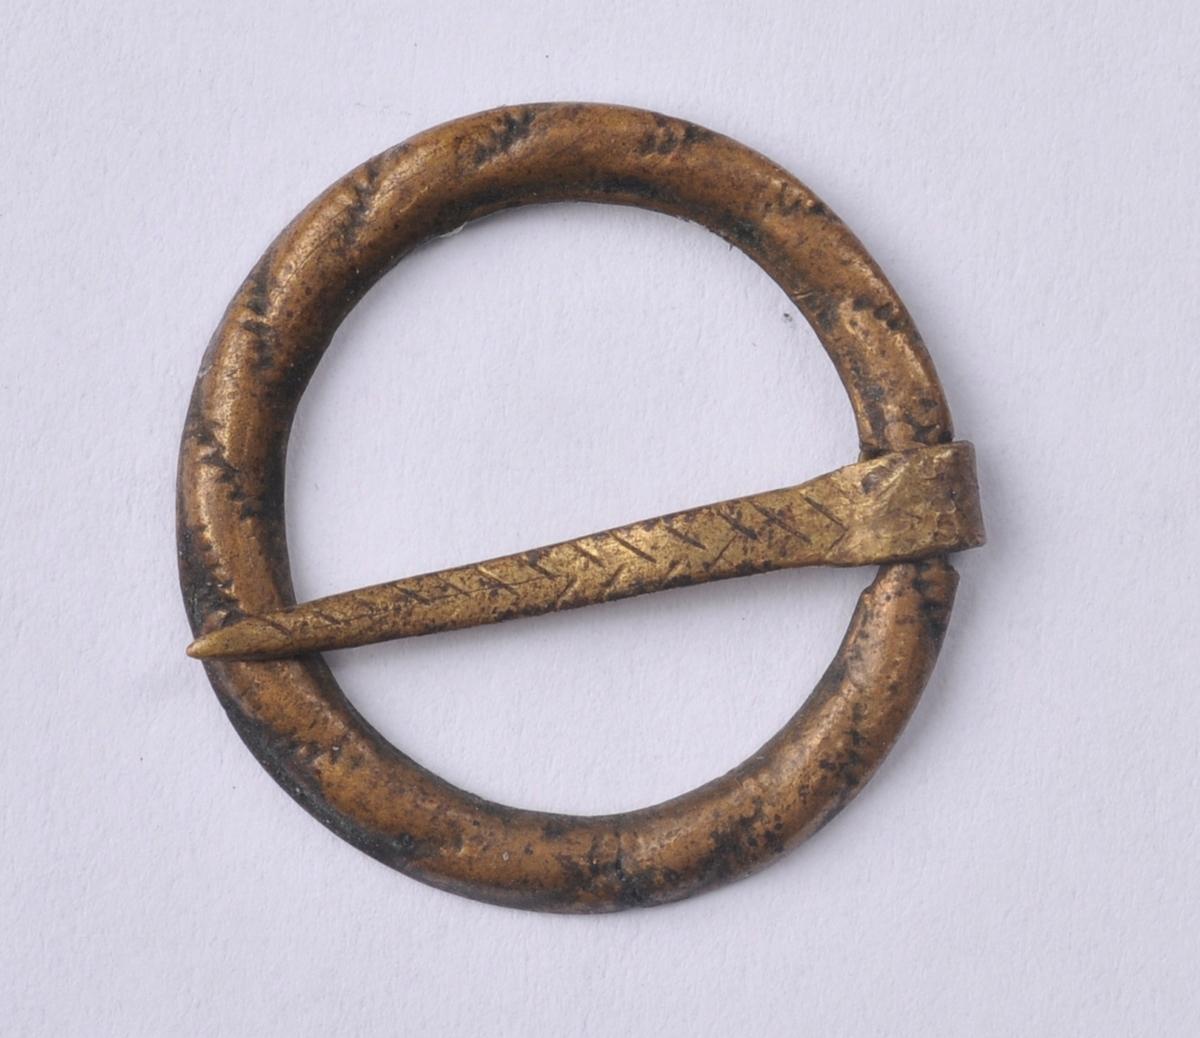 Lita sirkelforma sprette i messing. Sprettet har tein tvers over og er dekorert med skråstilde striper, slik at det kan sjå ut som om sprettet er sett saman av fletta trådar. Sprettet er støypt.